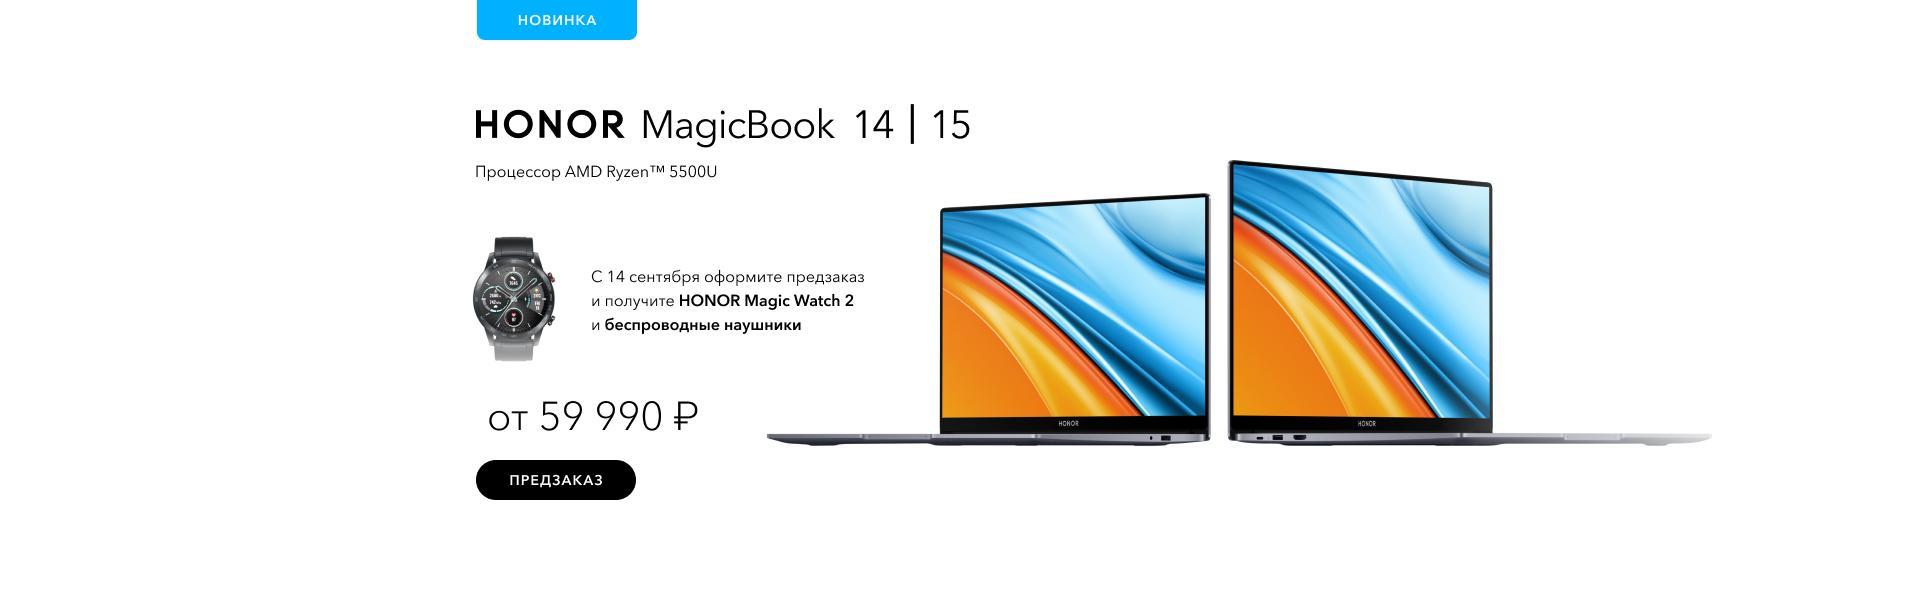 MagicBook AMD